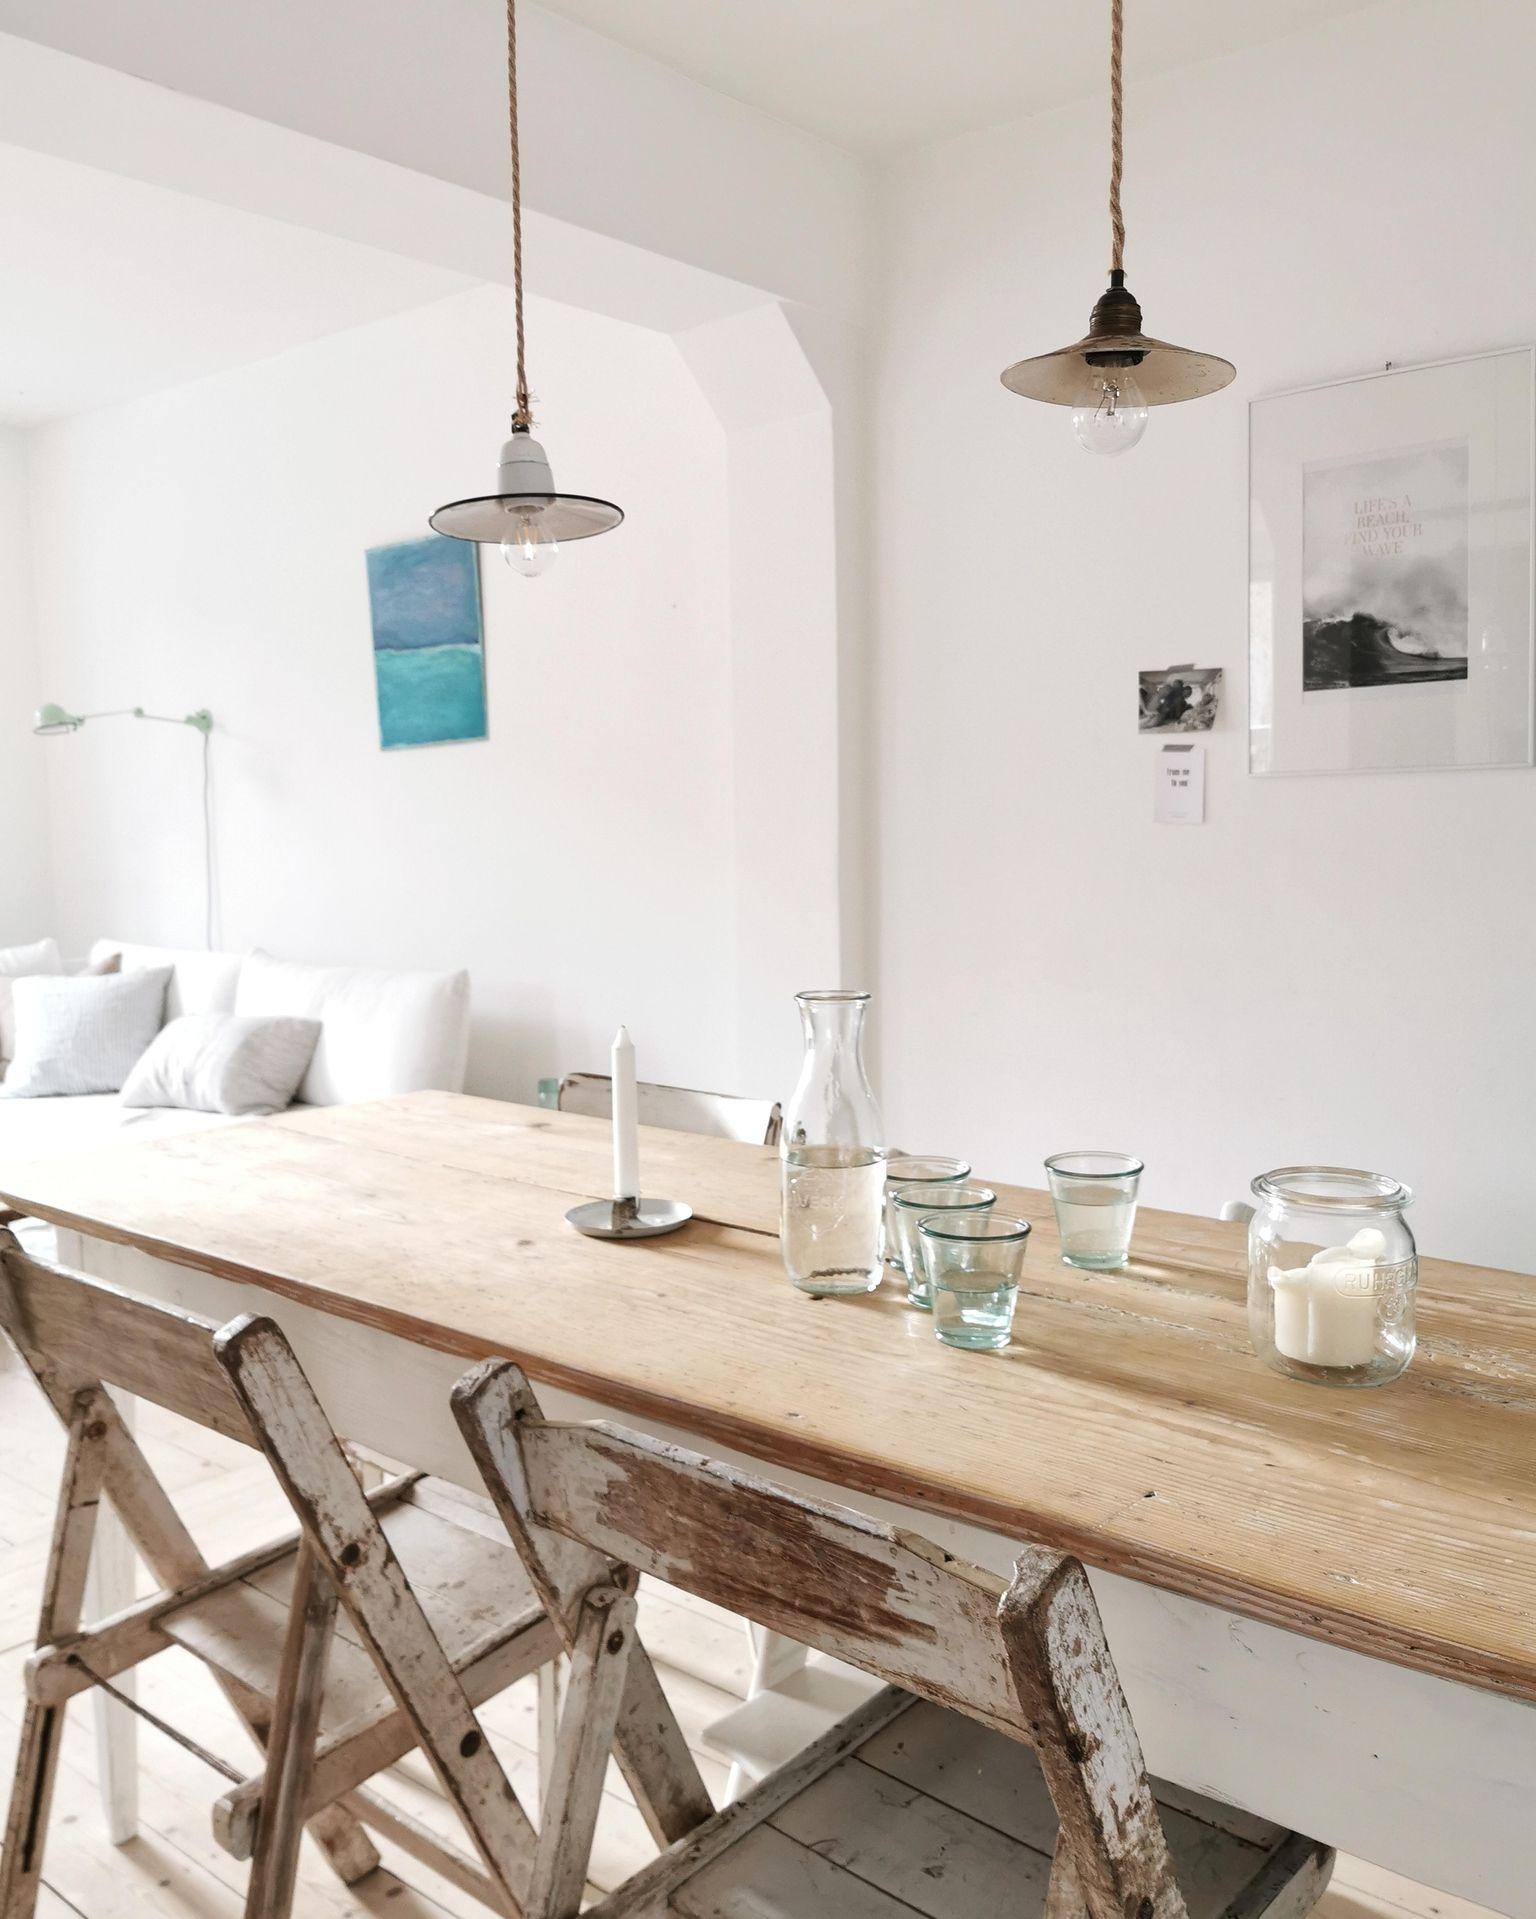 Kuche Home Treffpunkt Kitchenstories Blackinterior In 2020 Esstisch Esszimmer Und Einrichtung